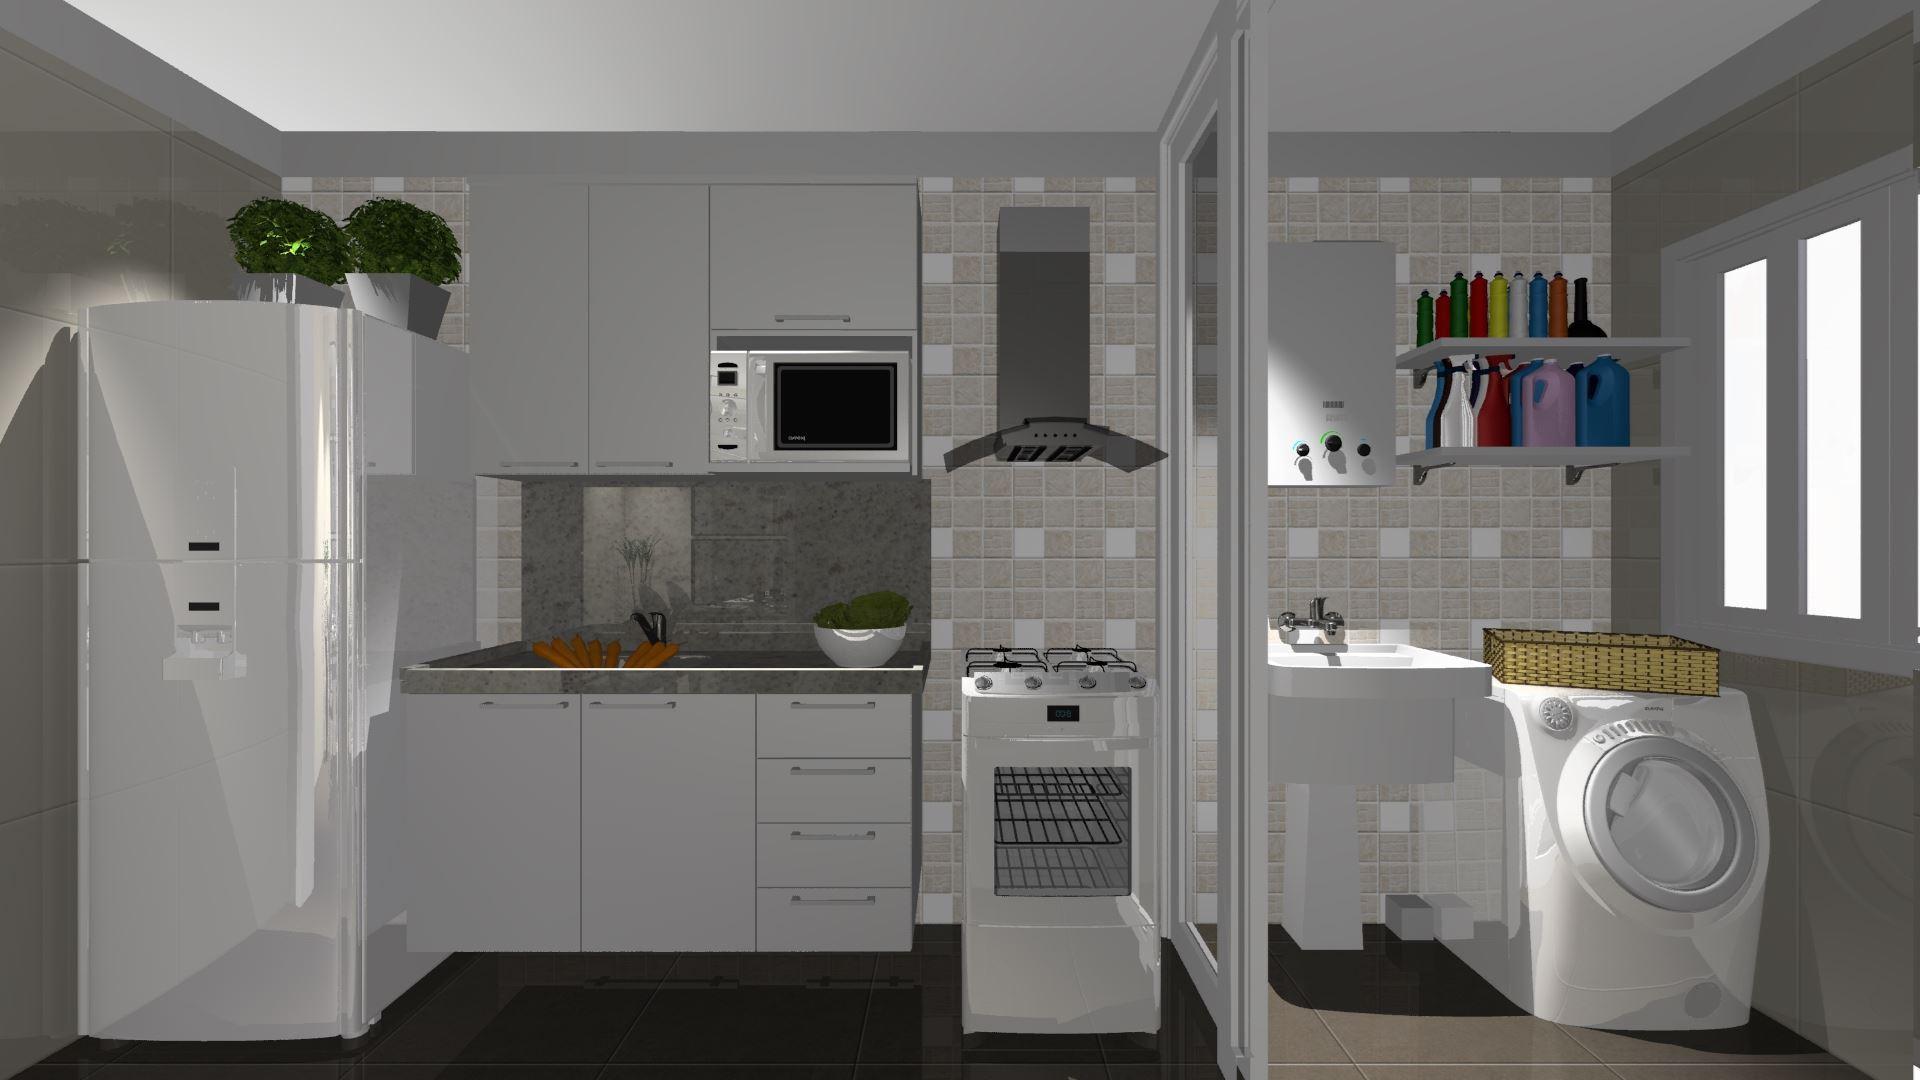 Cozinha Planejada com Área de Serviço